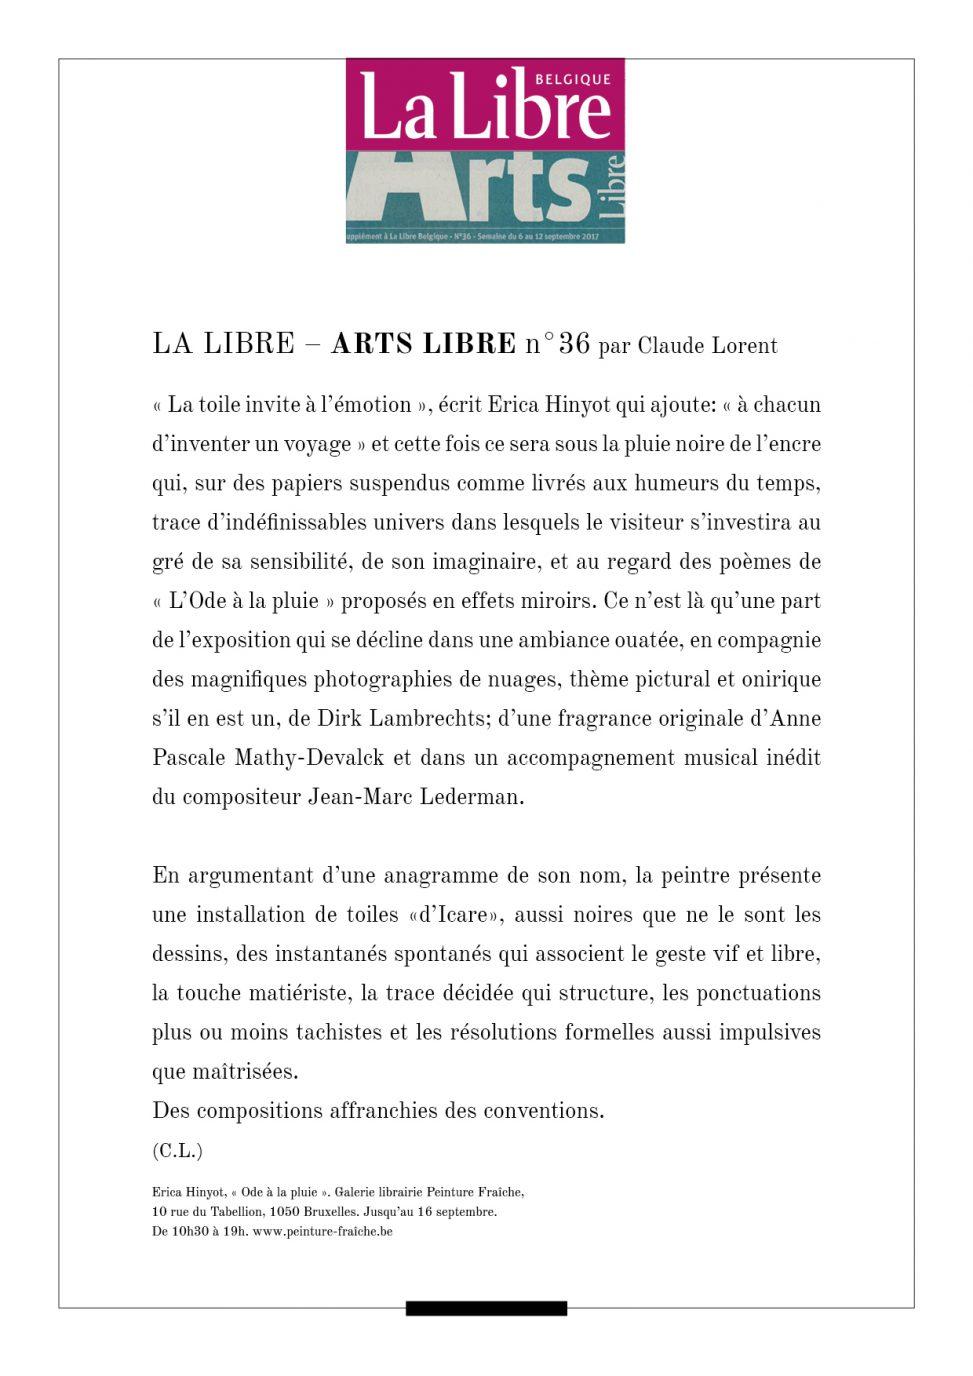 Texte ARTS LIBRE n°36 Pluie Noire C.L. ODE A LA PLUIE erica-icare.com